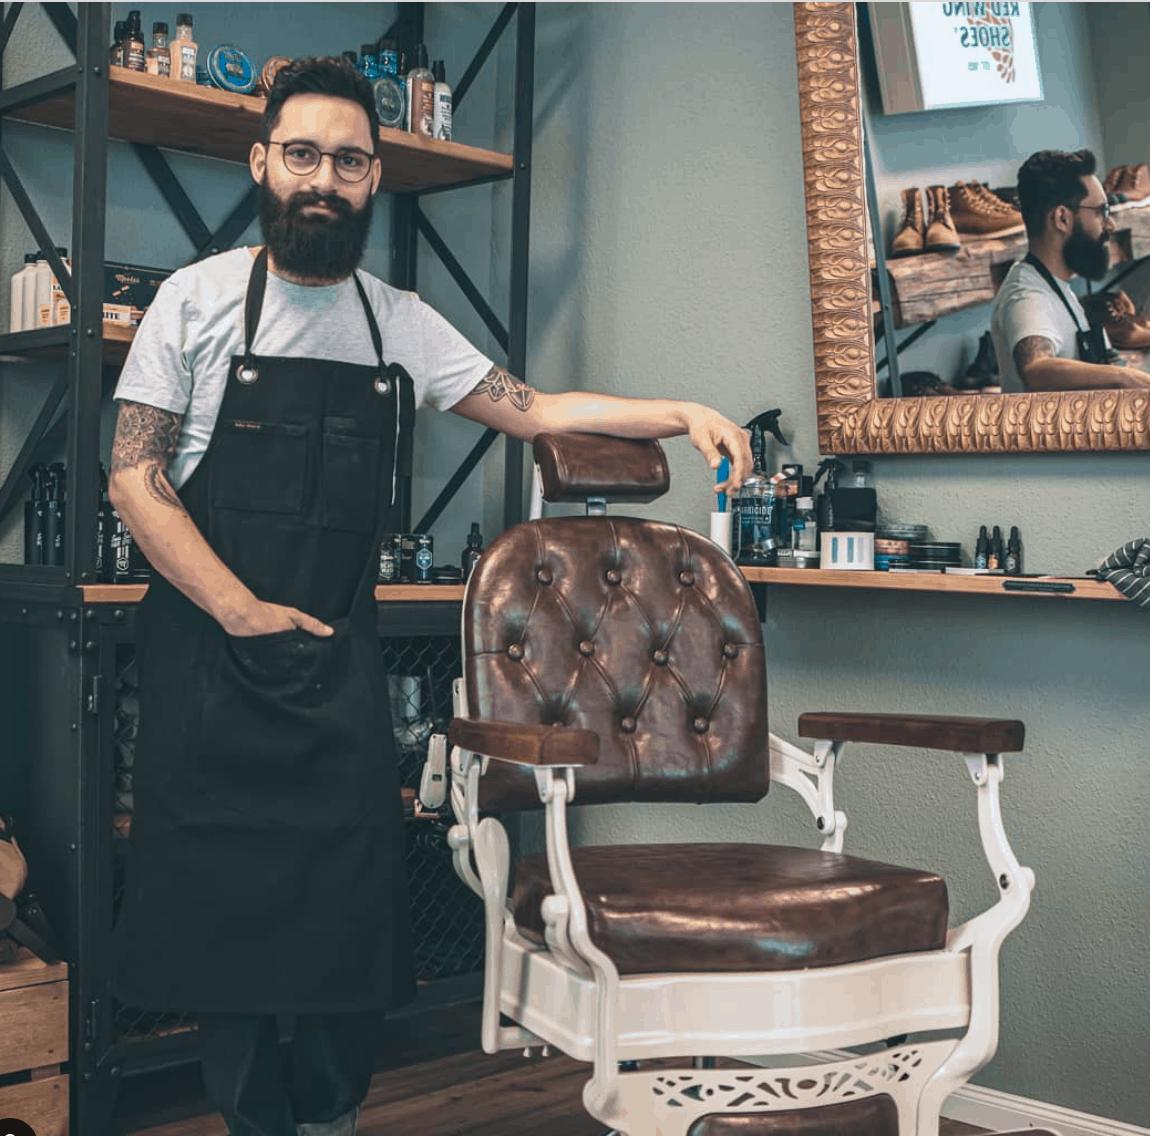 Barber in chur